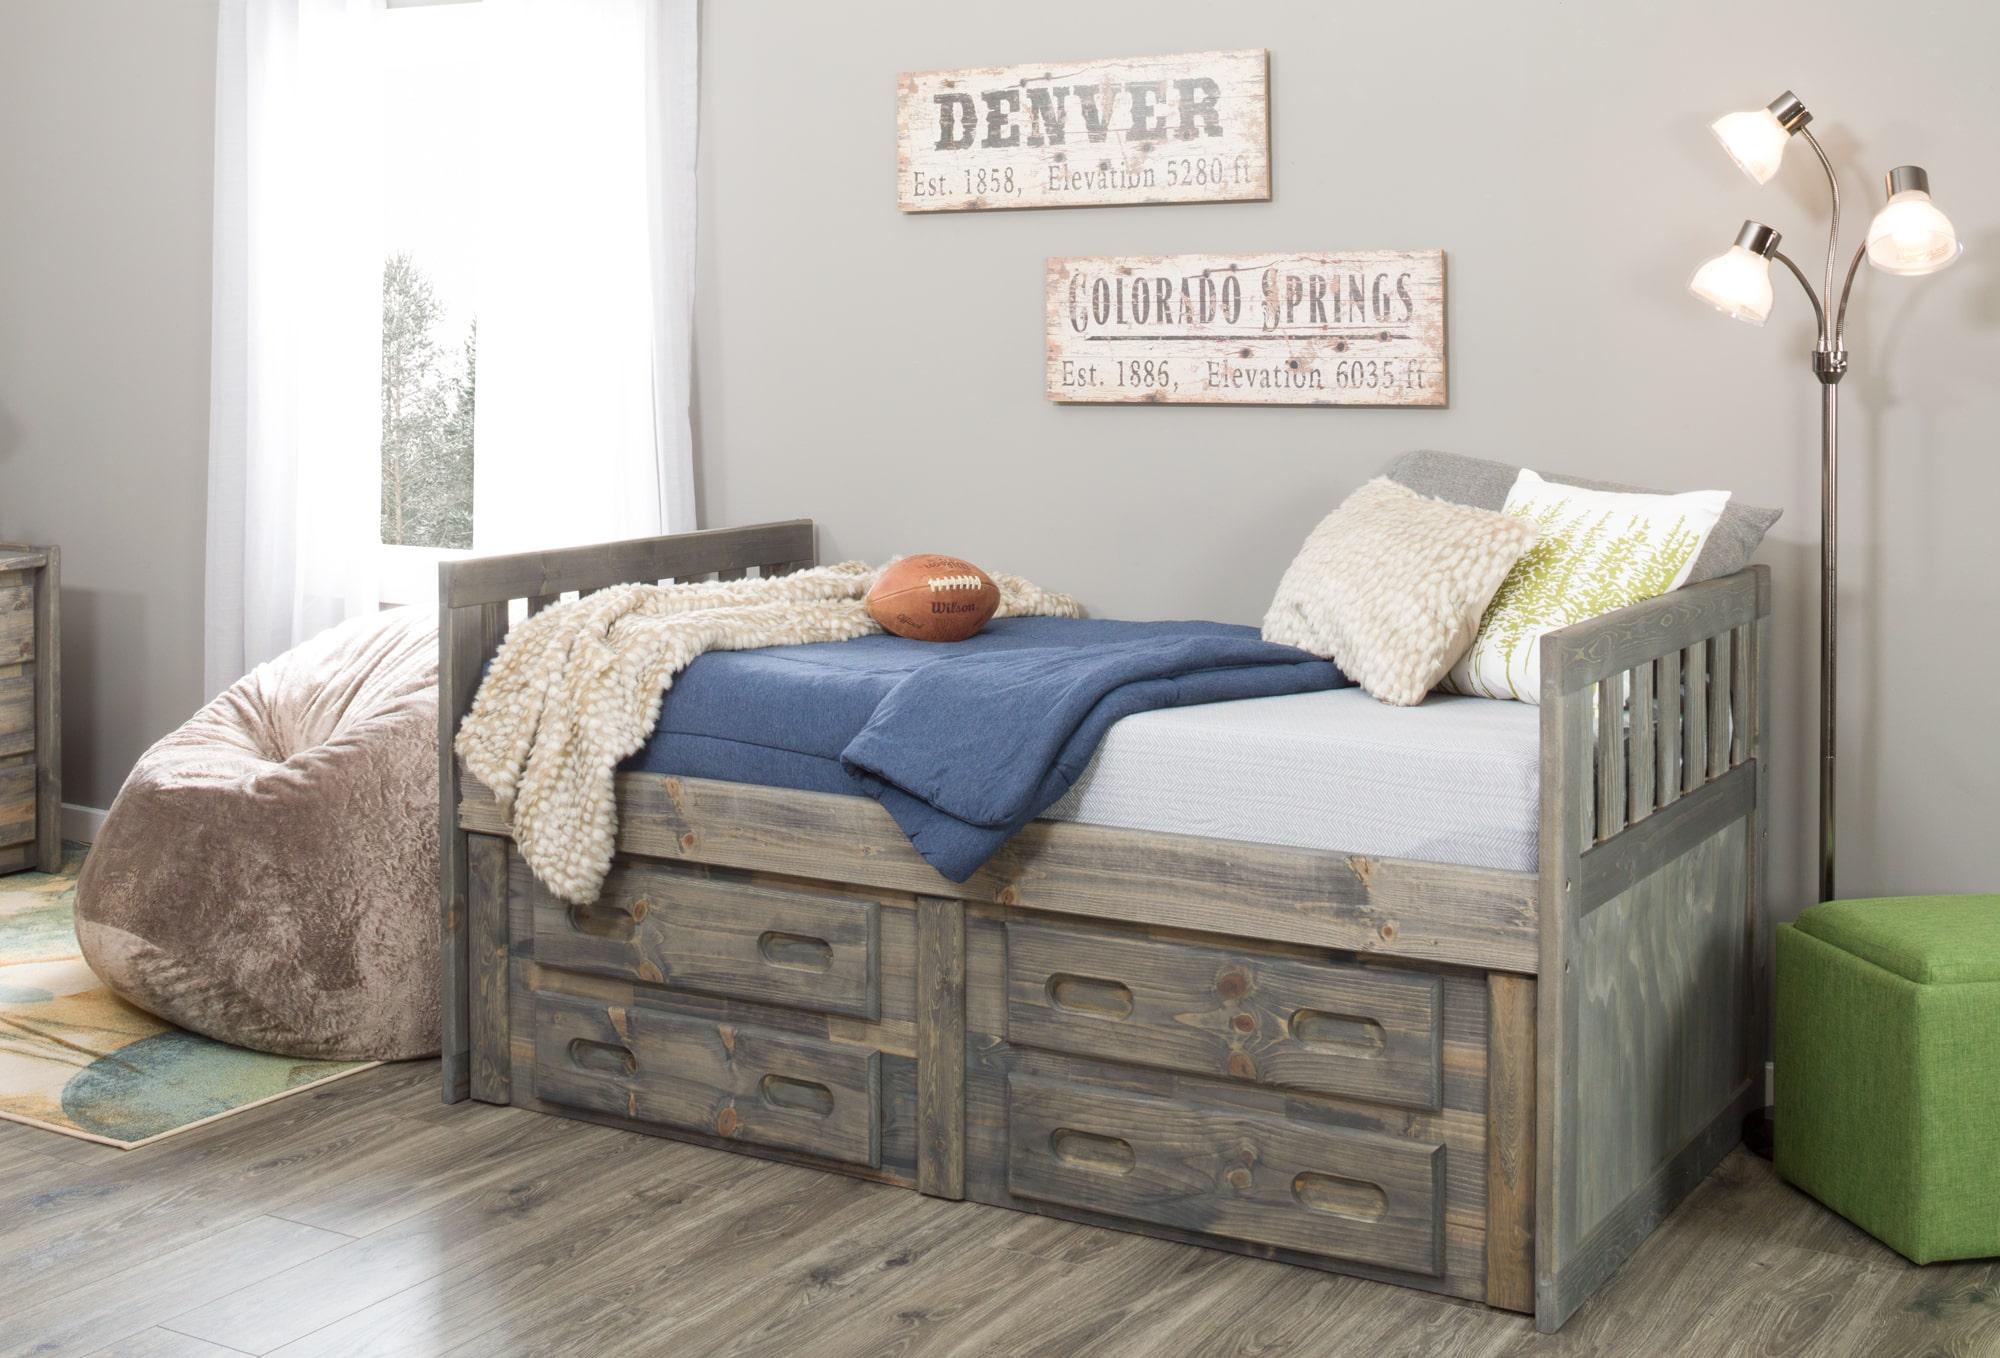 Dorm Room Furniture For Less | AFW | AFW.com